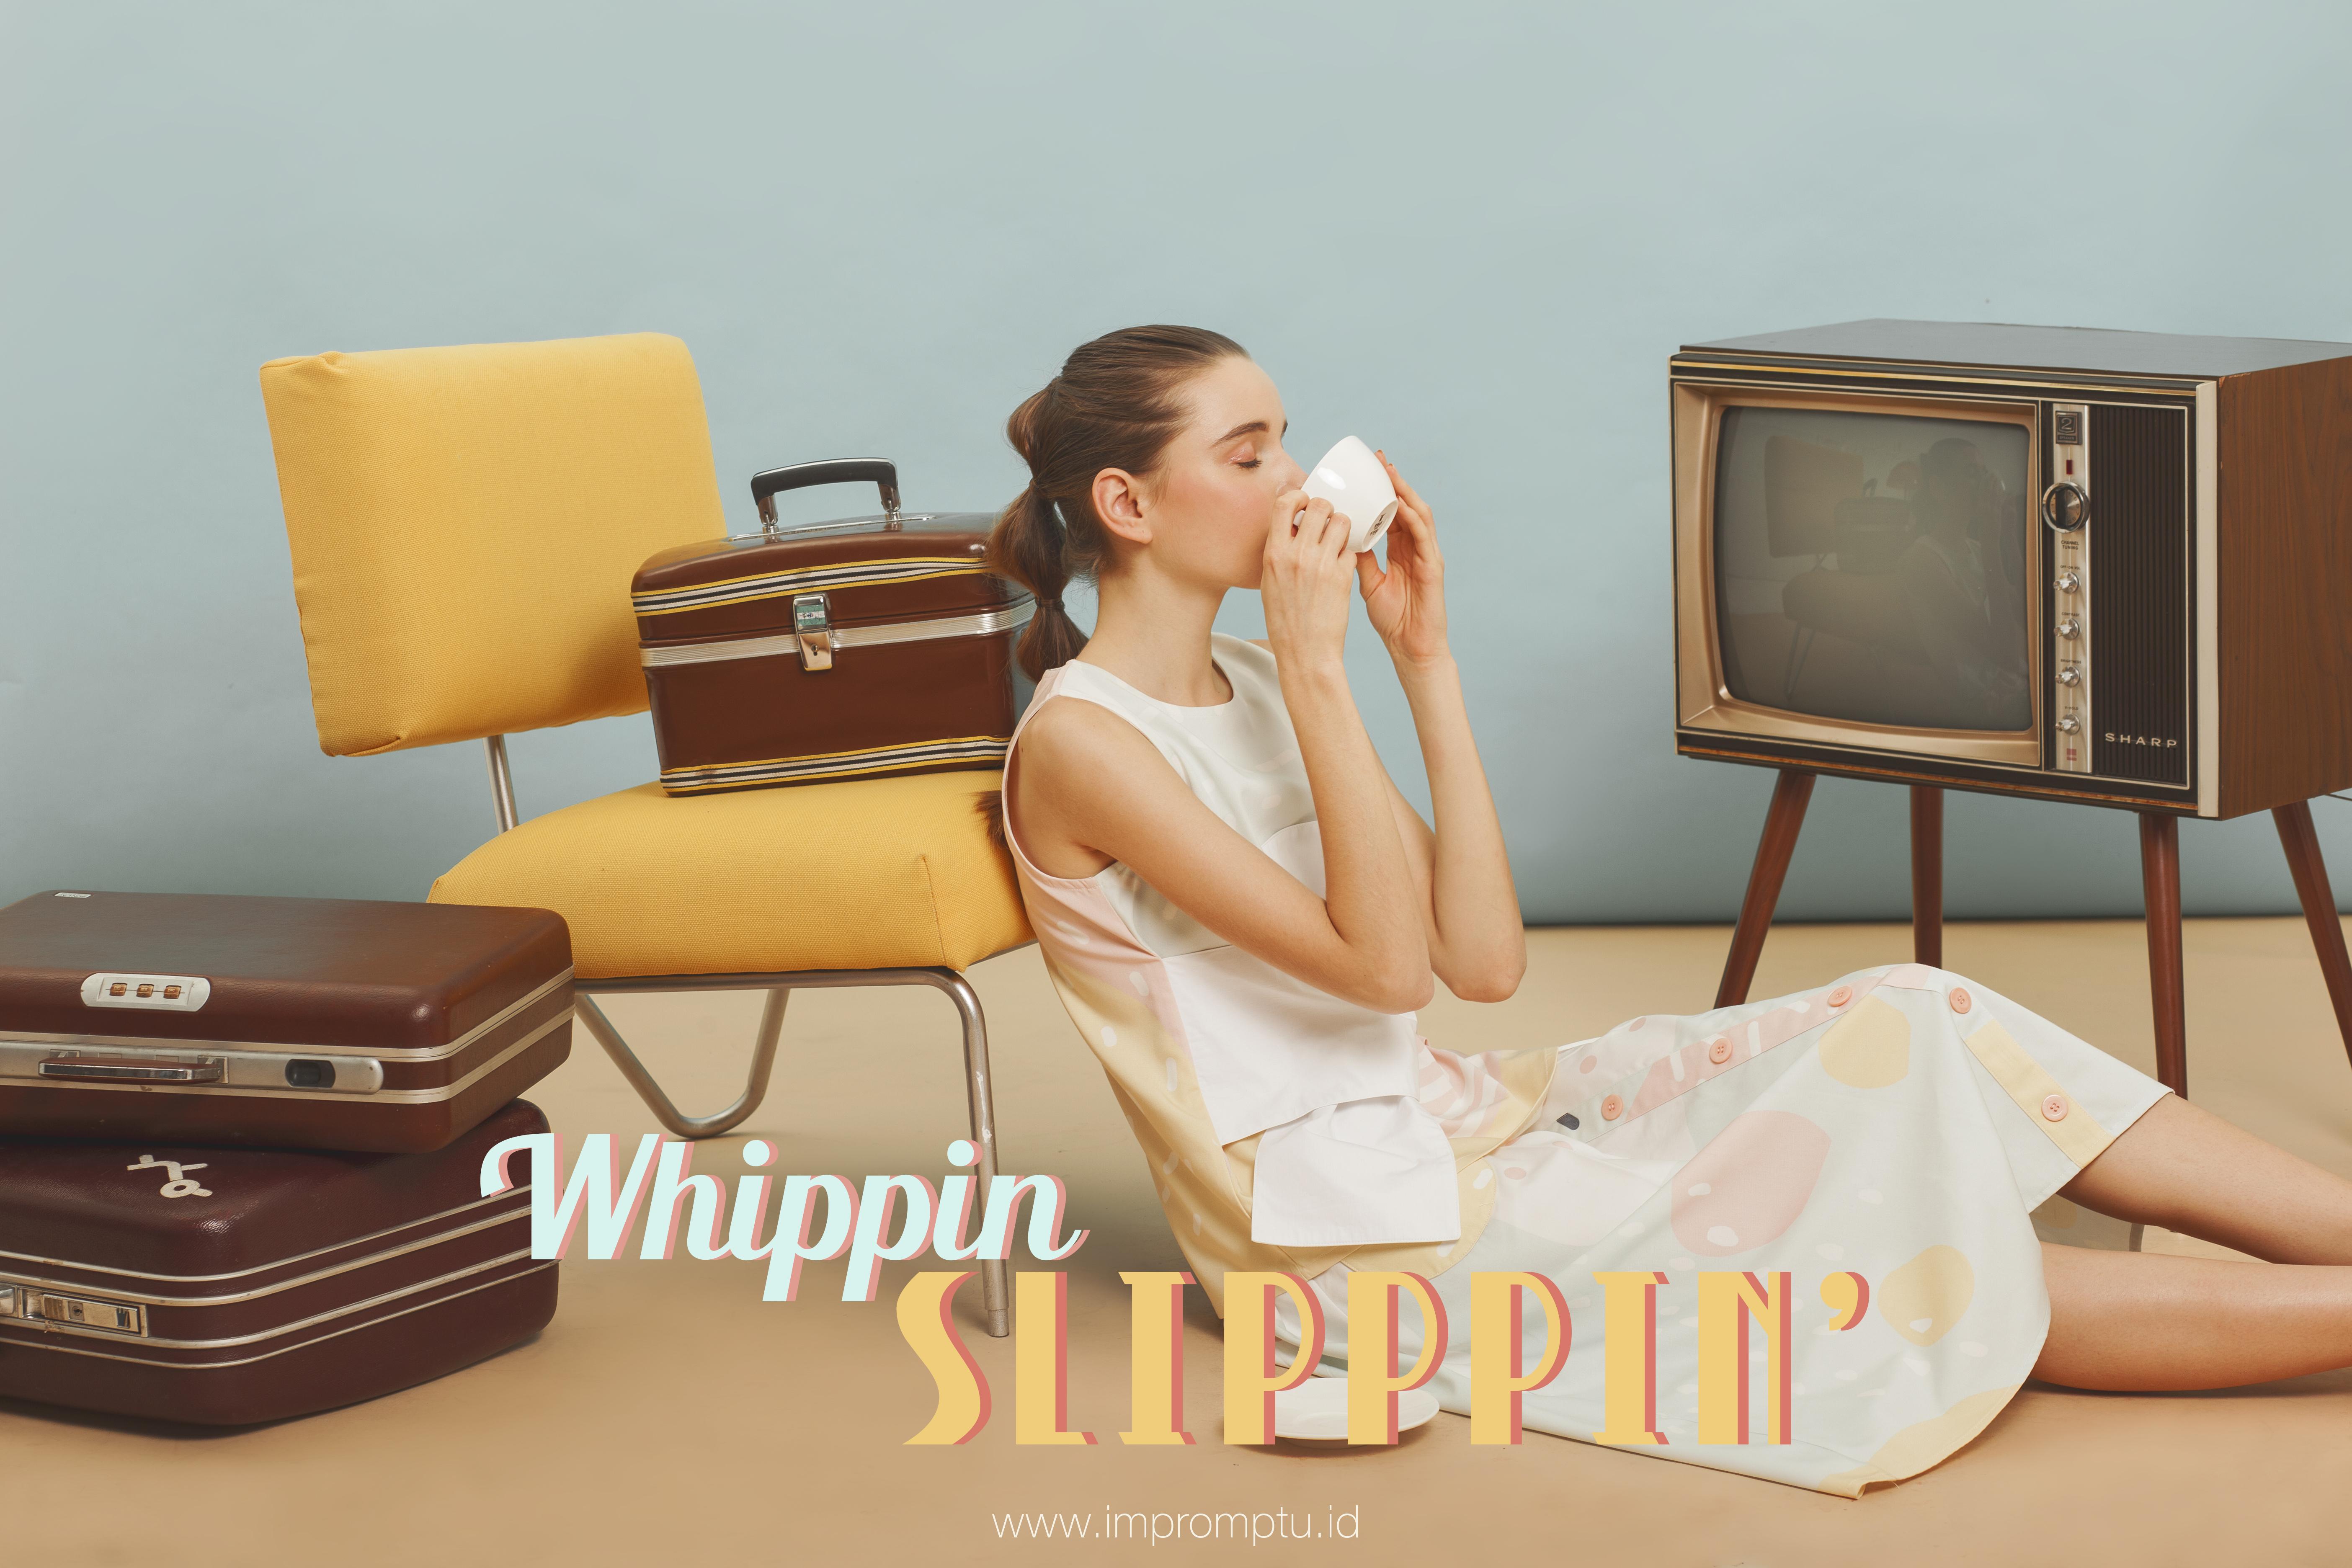 Whippin Slippin